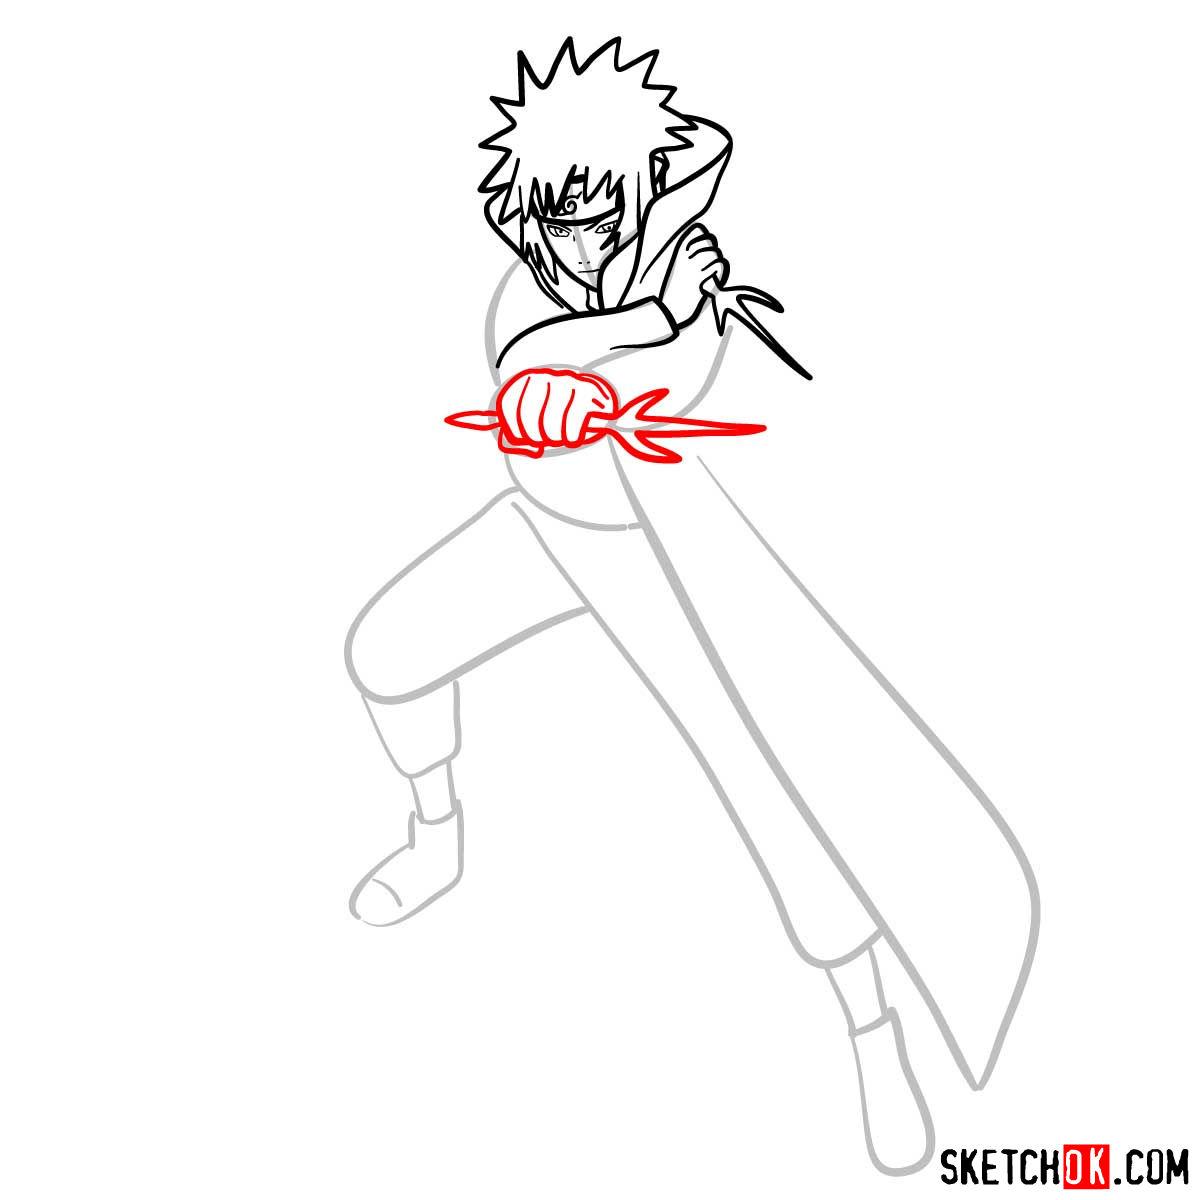 How to draw Minato Namikaze from Naruto anime - step 09